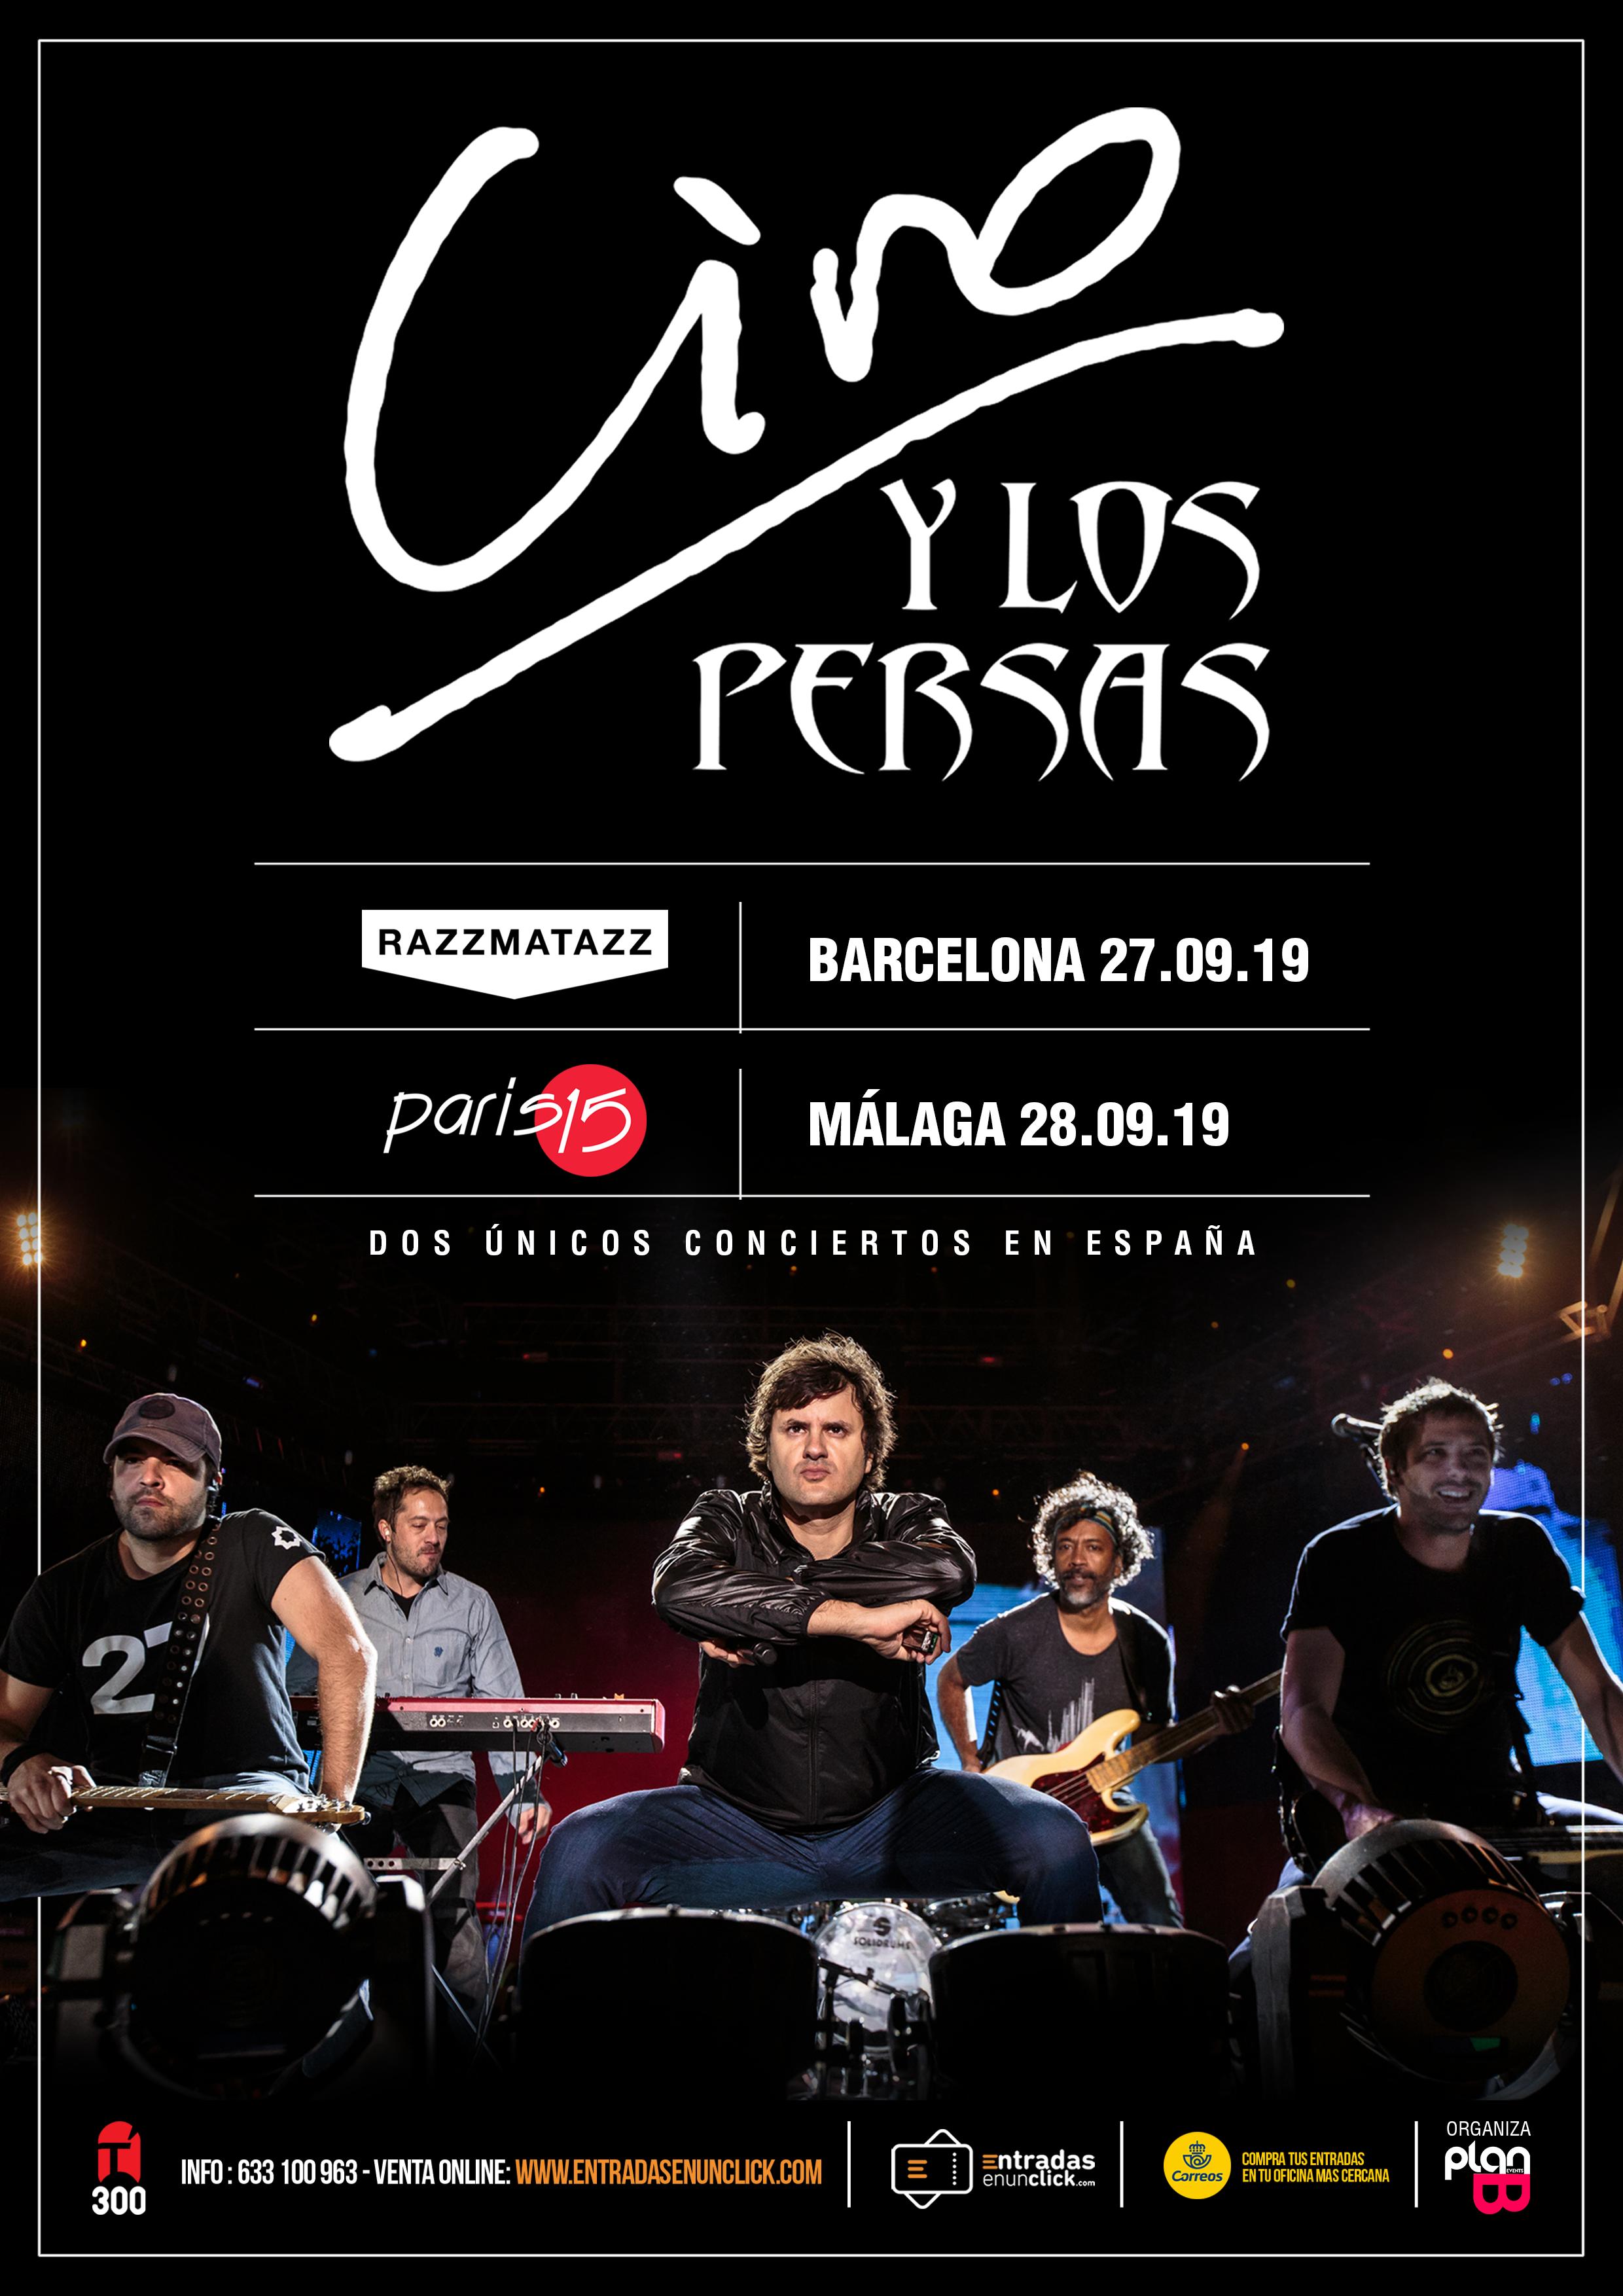 Ciro Y Los Persas Concert A Sala Razzmatazz Barcelona 27 09 2019 Salarazzmatazz Com